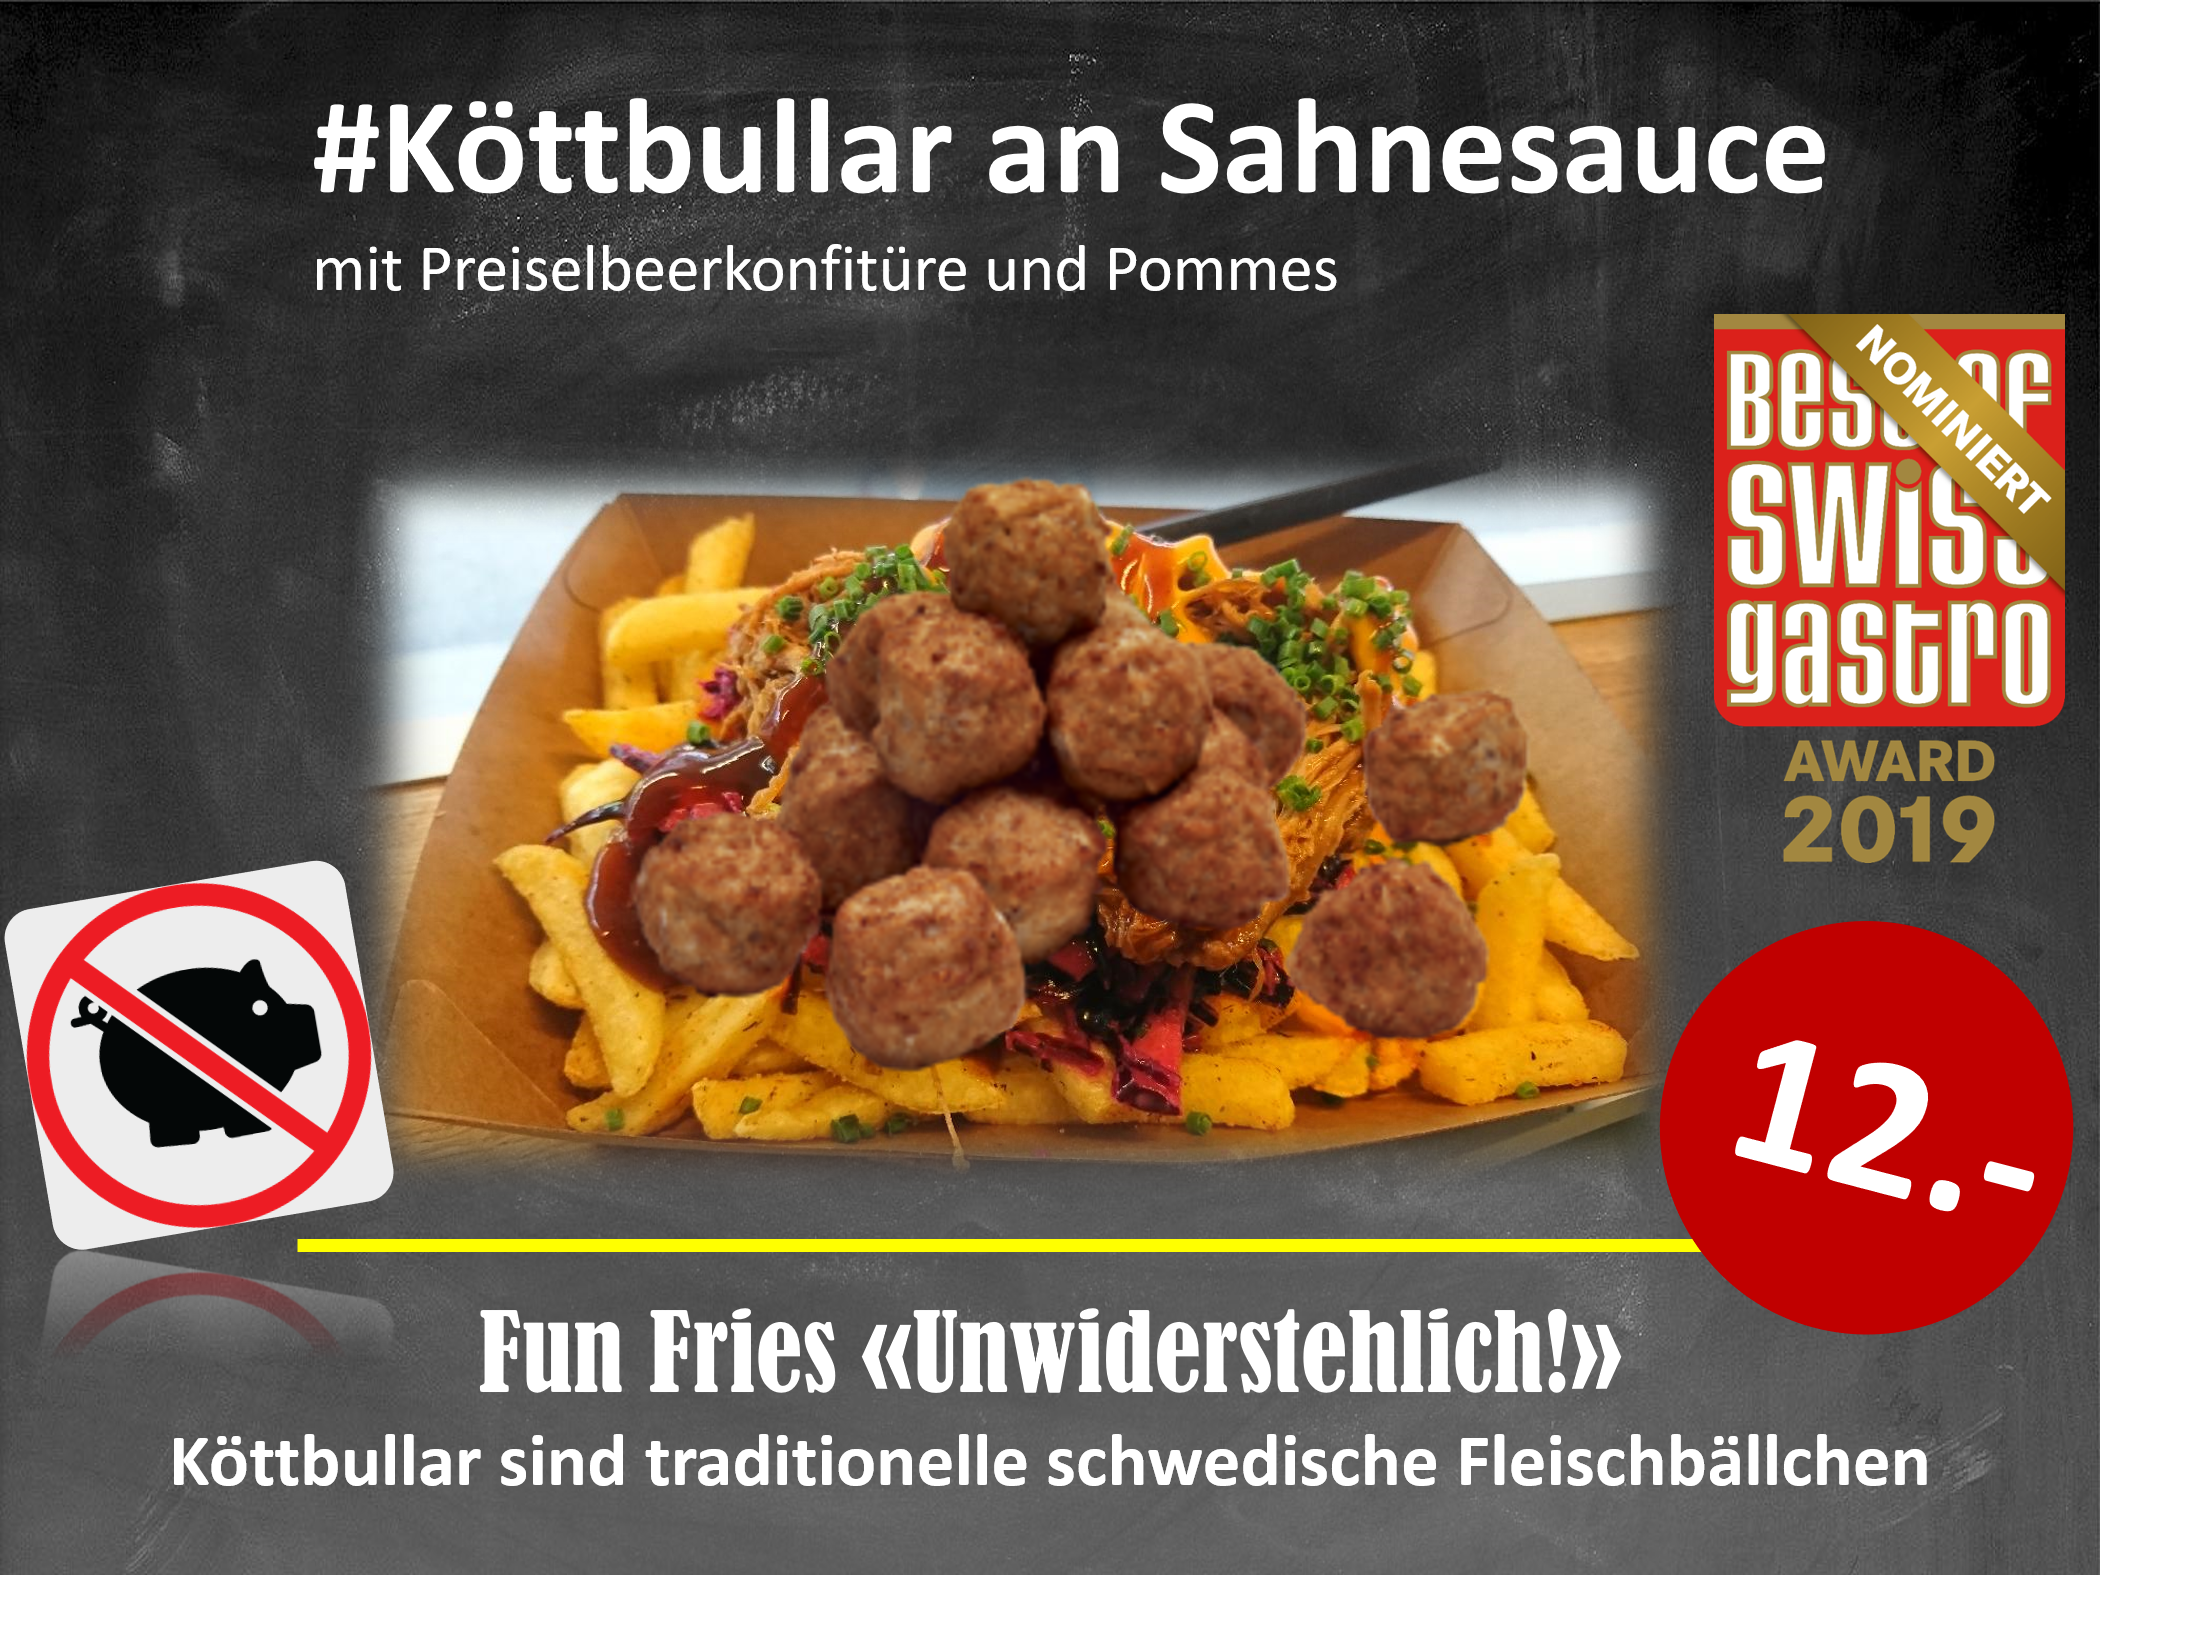 Köttbullar die leckeren Hackfleischbällchen aus Schweden!